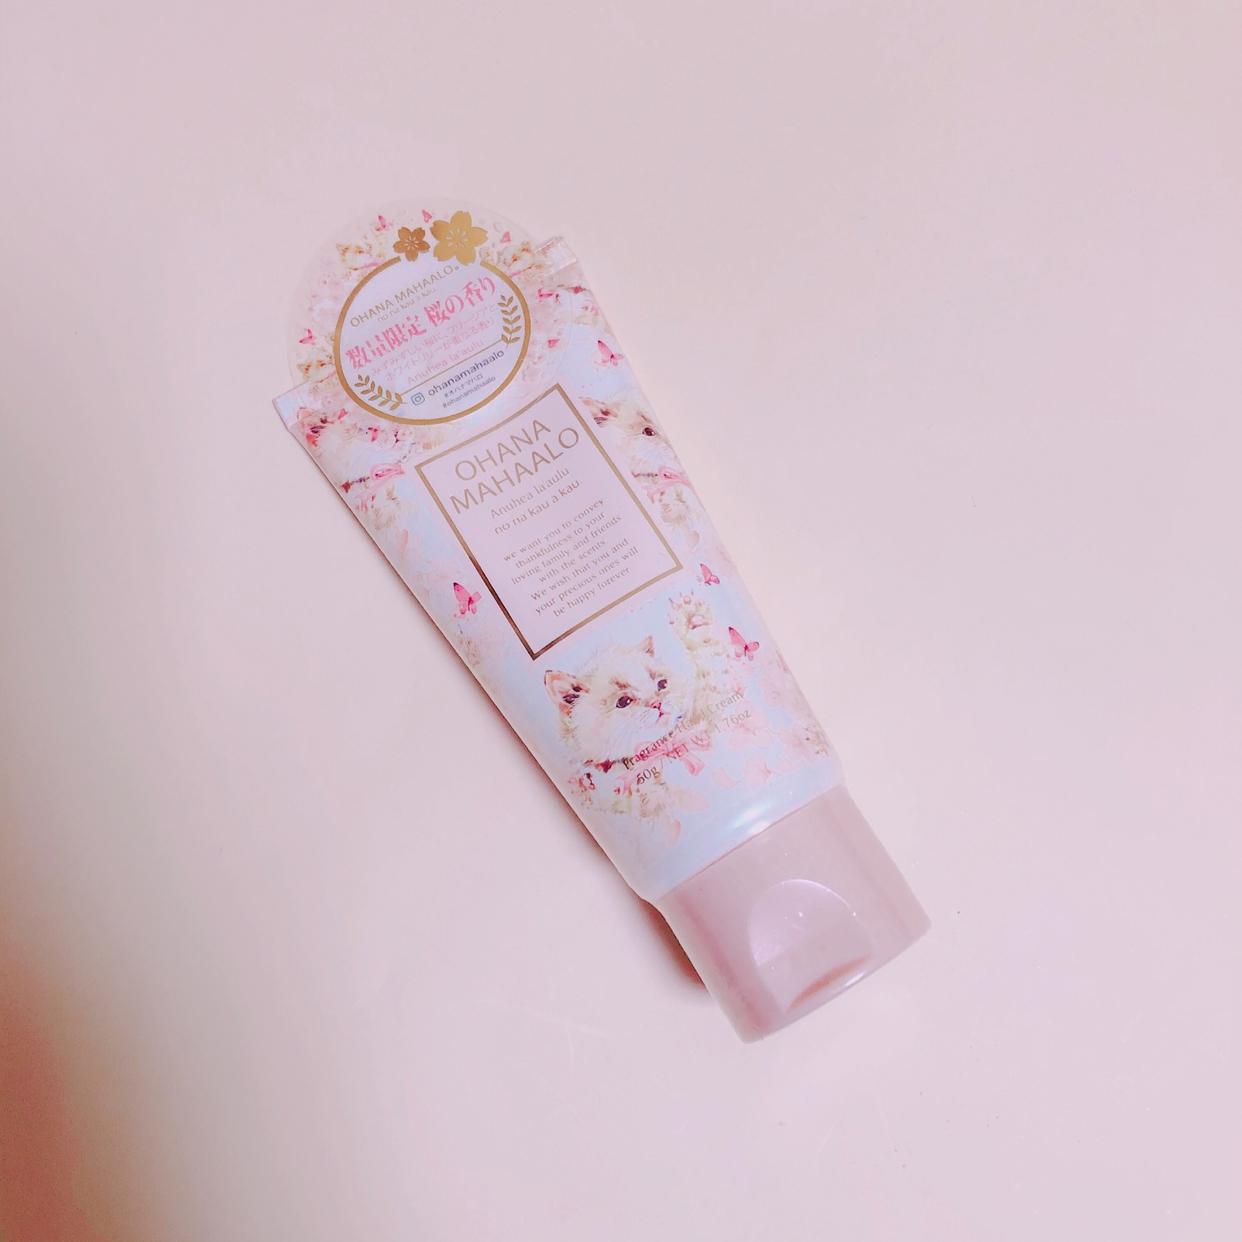 OHANA MAHAALO(オハナ・マハロ) フレグランスハンドクリームを使ったさかいさんのクチコミ画像1